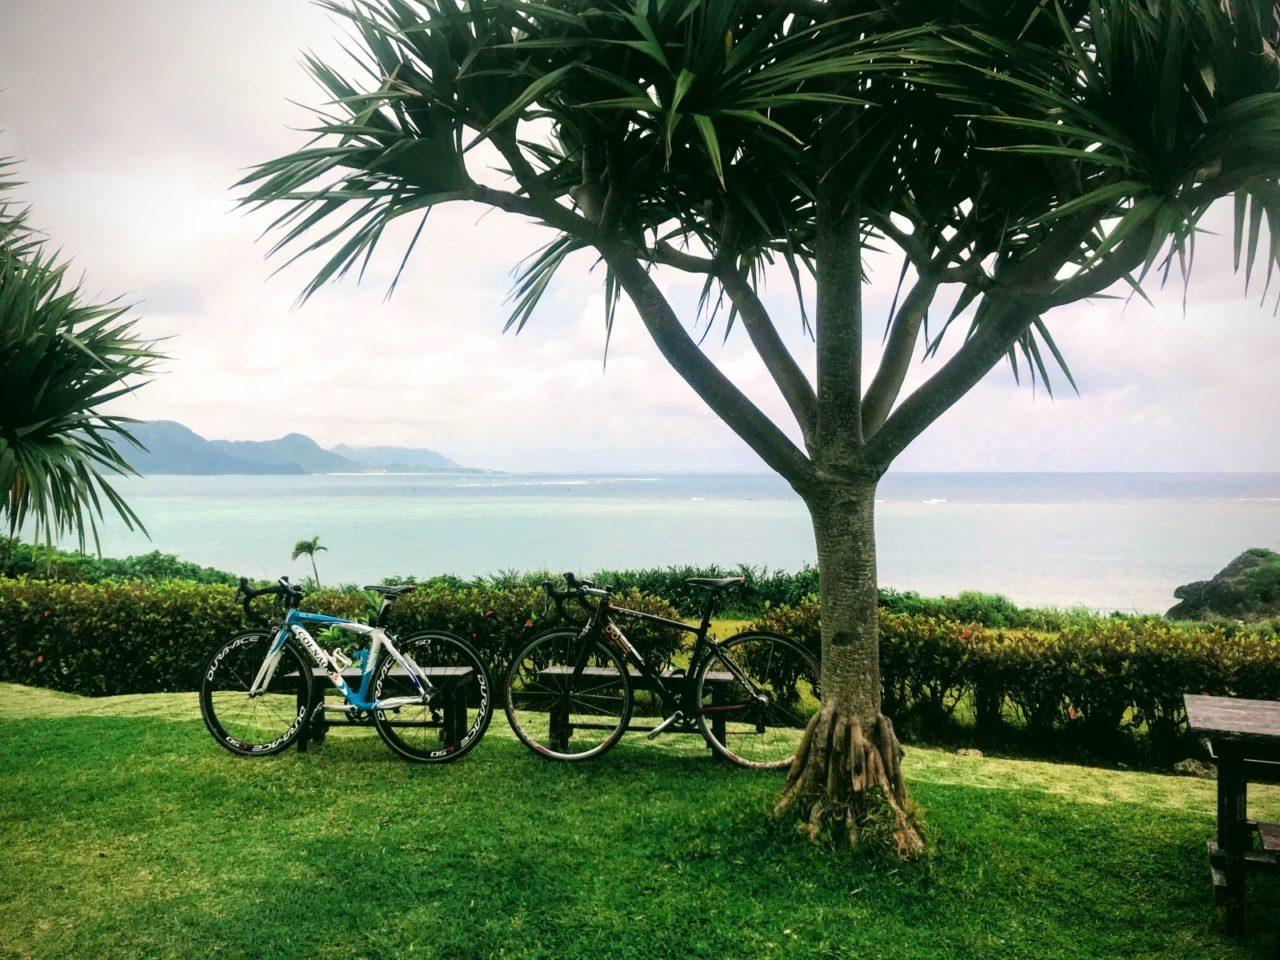 ロードバイクとのばれ岬観光農園